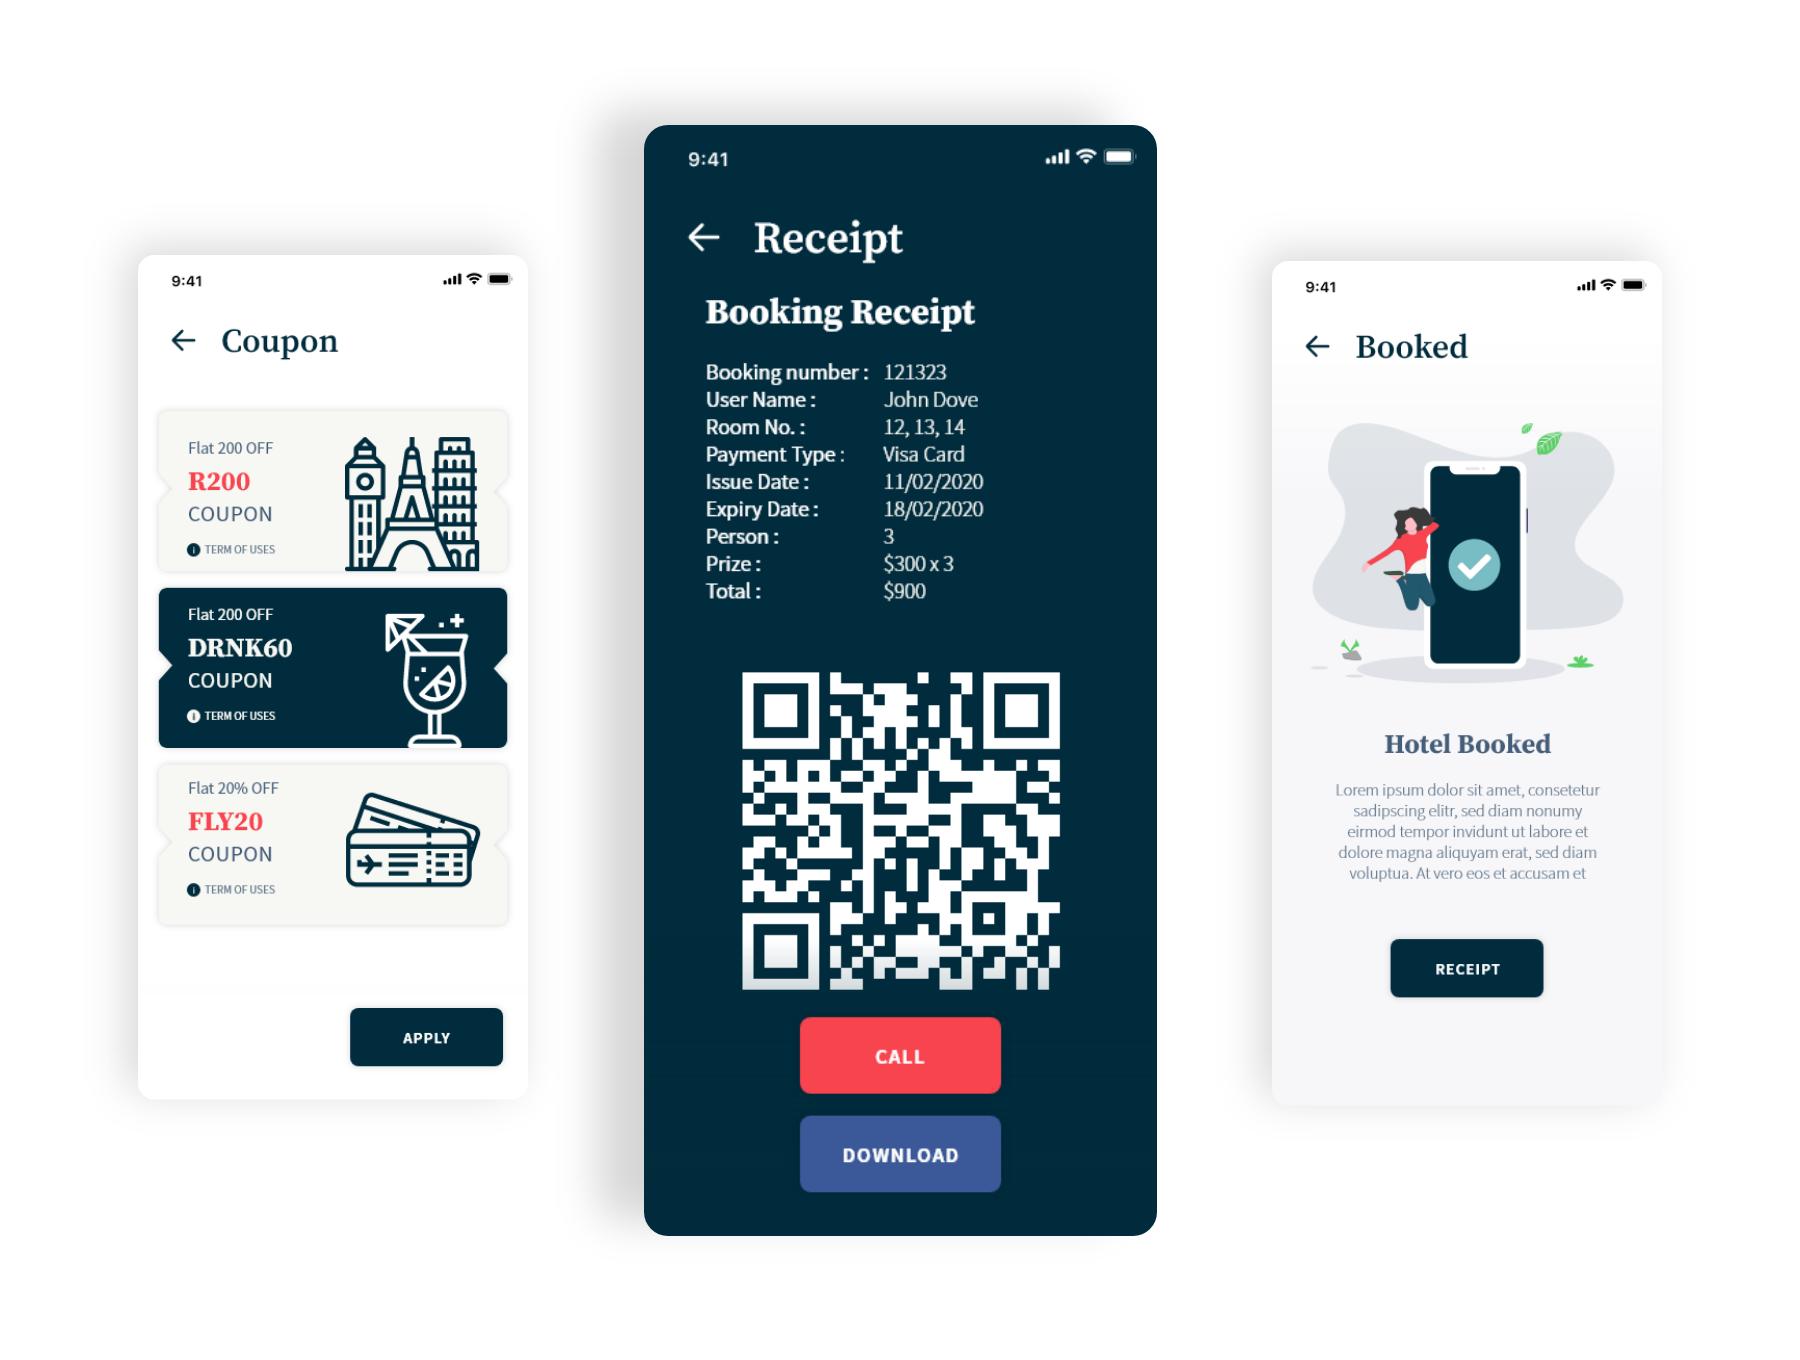 酒店预订app设计iOS Ui套装下载[XD] Volio - Hotel booking, restaurant and real estate app